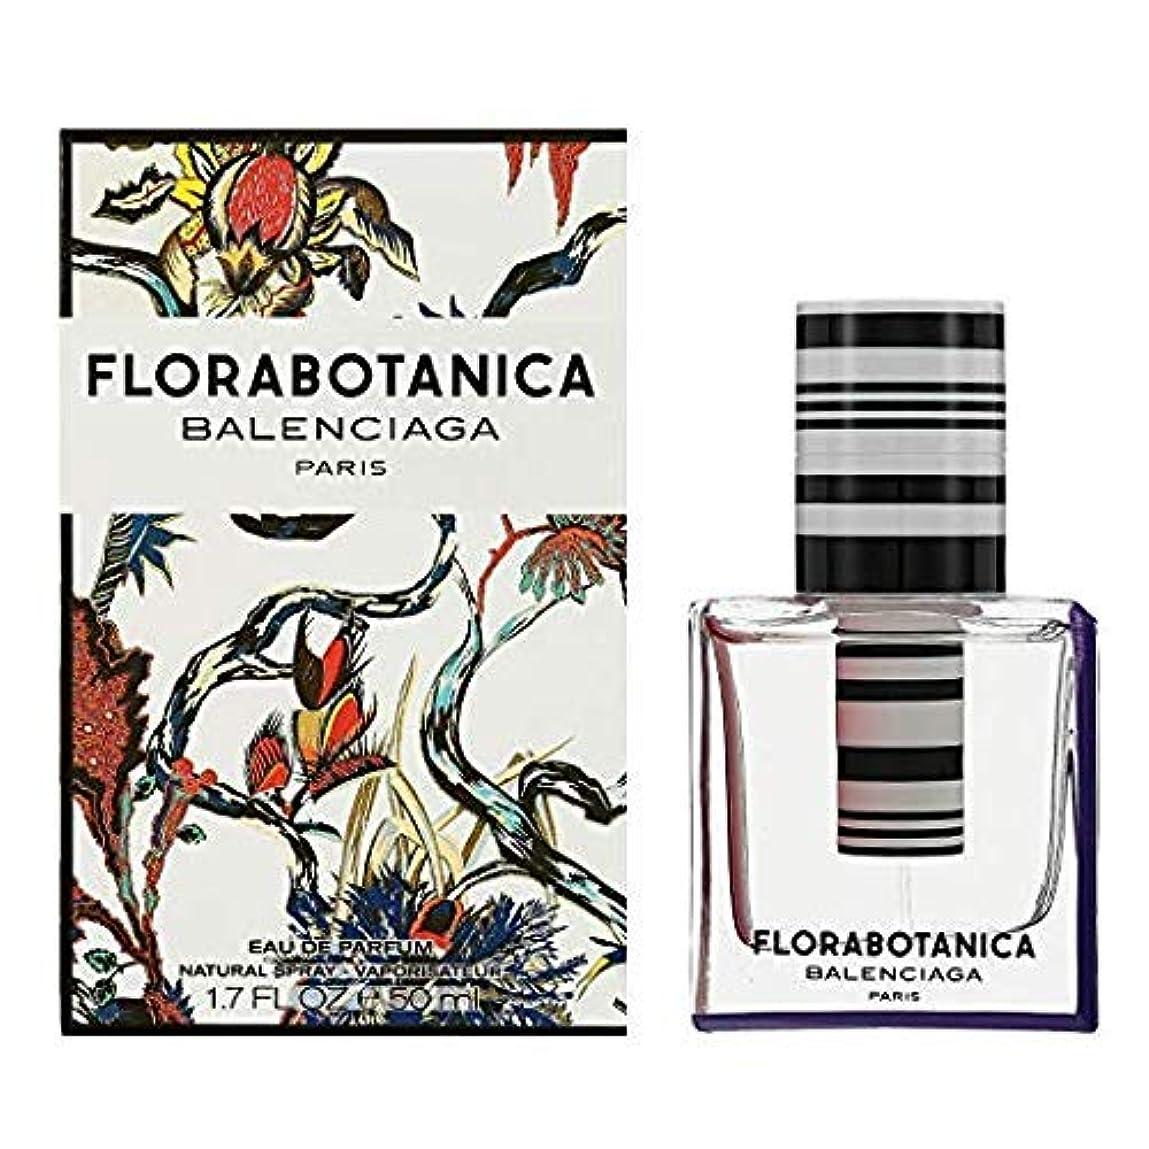 お別れ手当電気技師100% Authentic Balenciaga Florabotanica Eau de Perfume 50ml Made in France + 2 Niche Perfume Samples Free / 100...